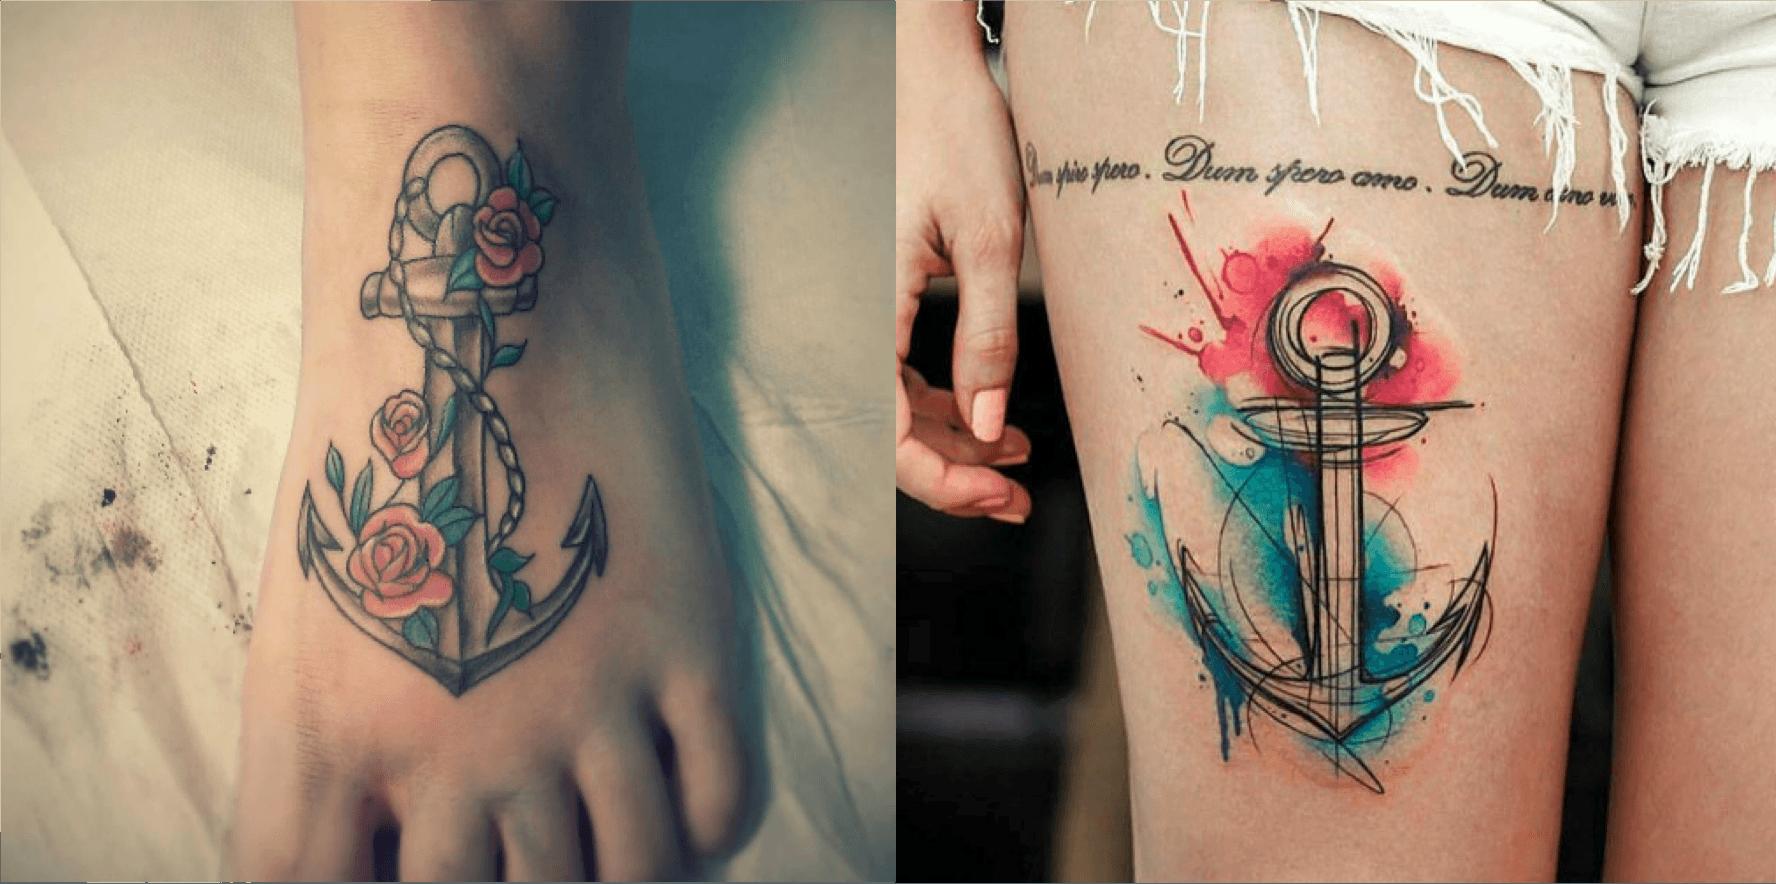 La symbolique des tatouages : L'ancre - What's up Tattoo